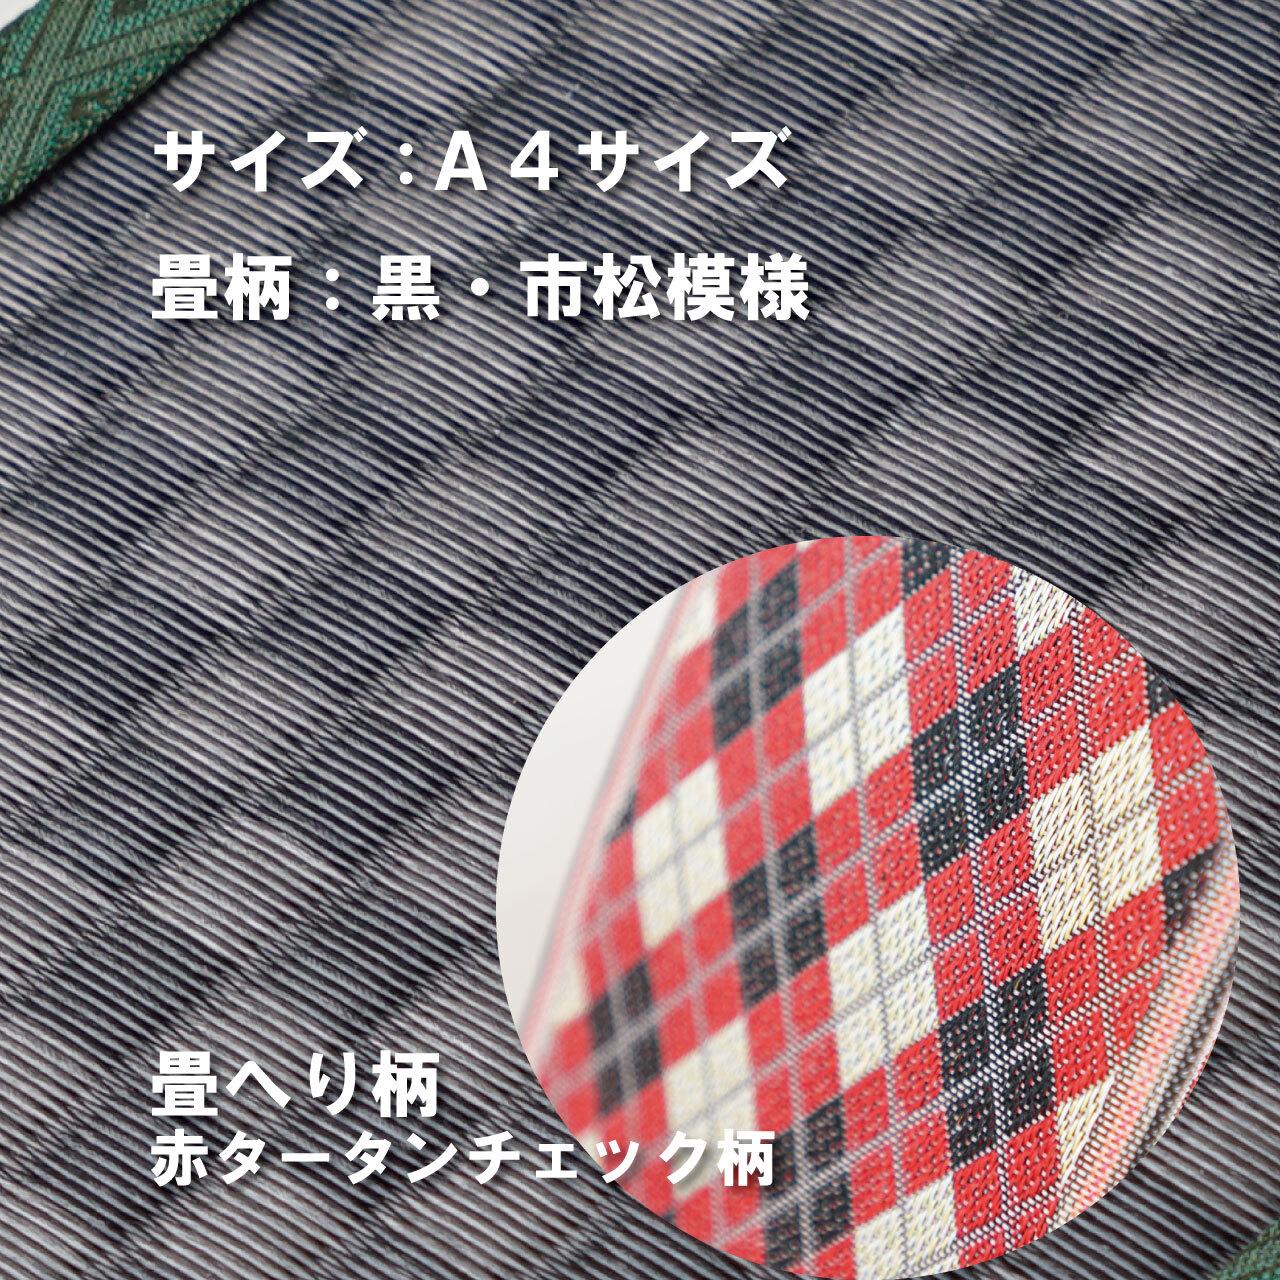 ミニ畳台 フィギア台や小物置きに♪ A4サイズ 畳:黒市松 縁の柄:赤タータンチェック柄 A4BM003